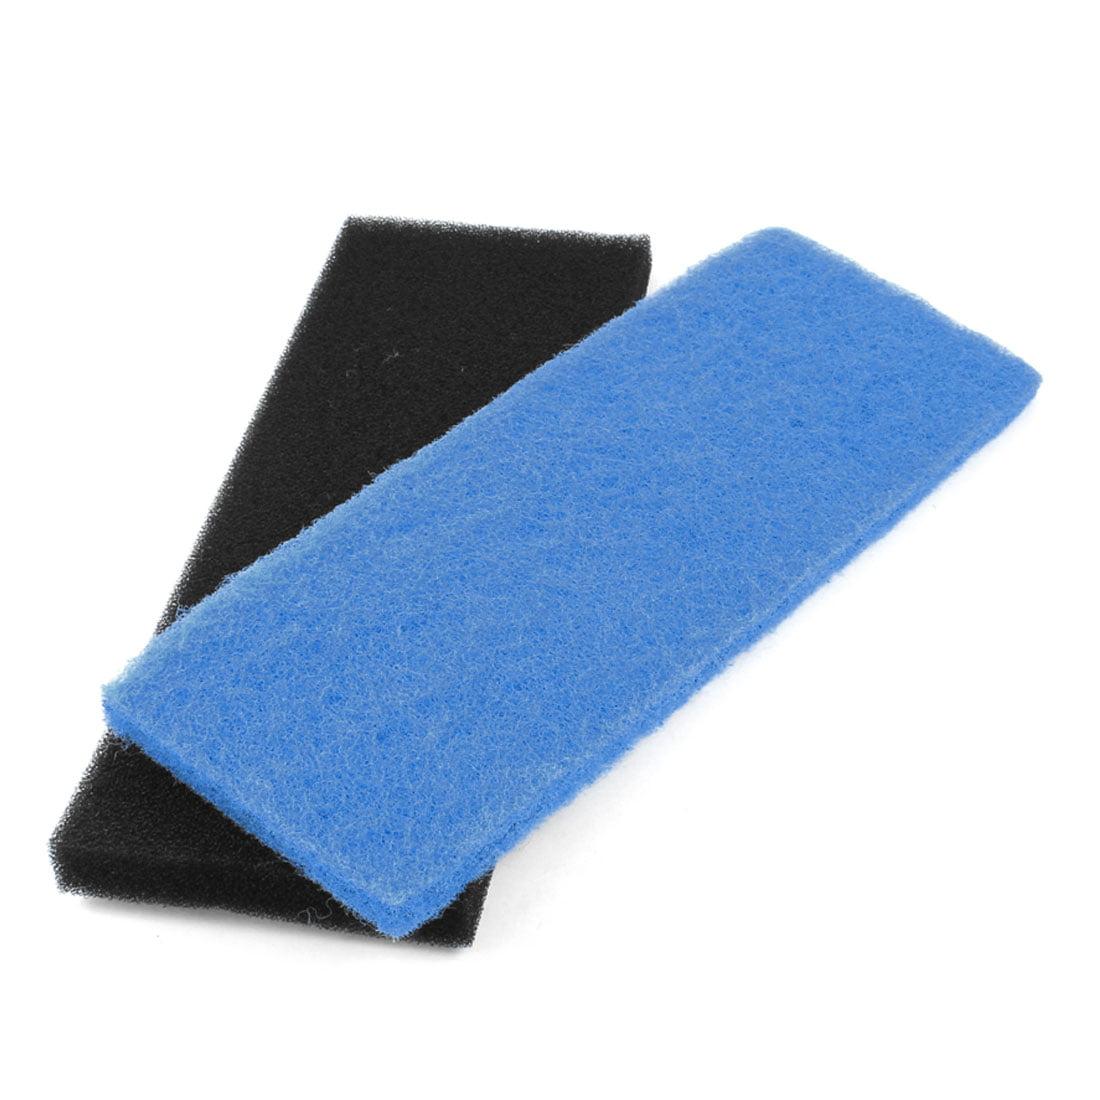 Unique Bargains Black Blue Reusable Sponge Filter Fresh Water Aquarium Filter 12.6 Long 2 Pcs